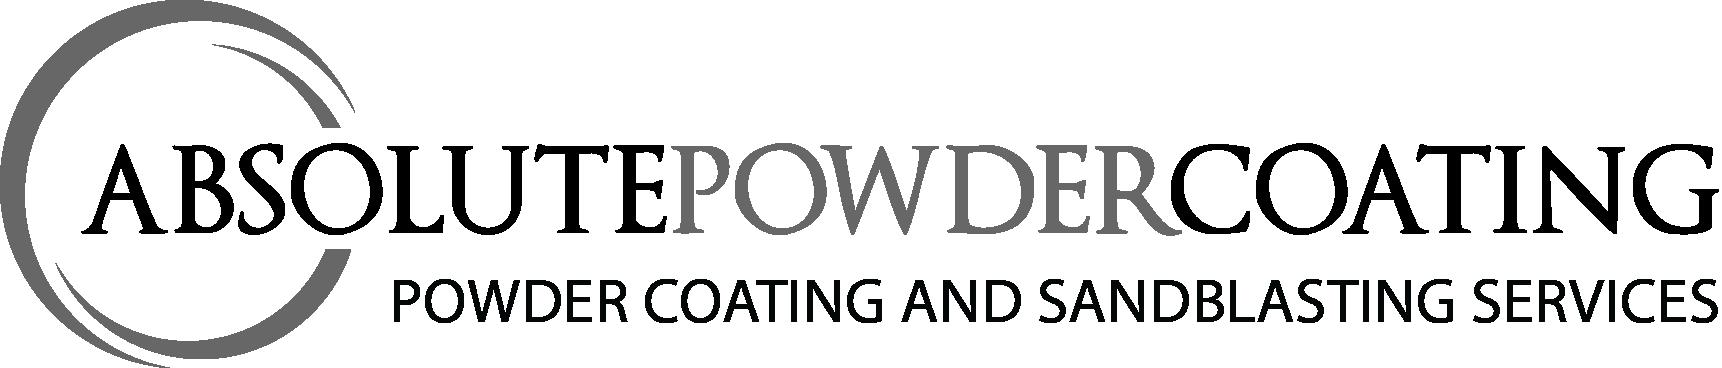 Absolute Powder Coating LLC